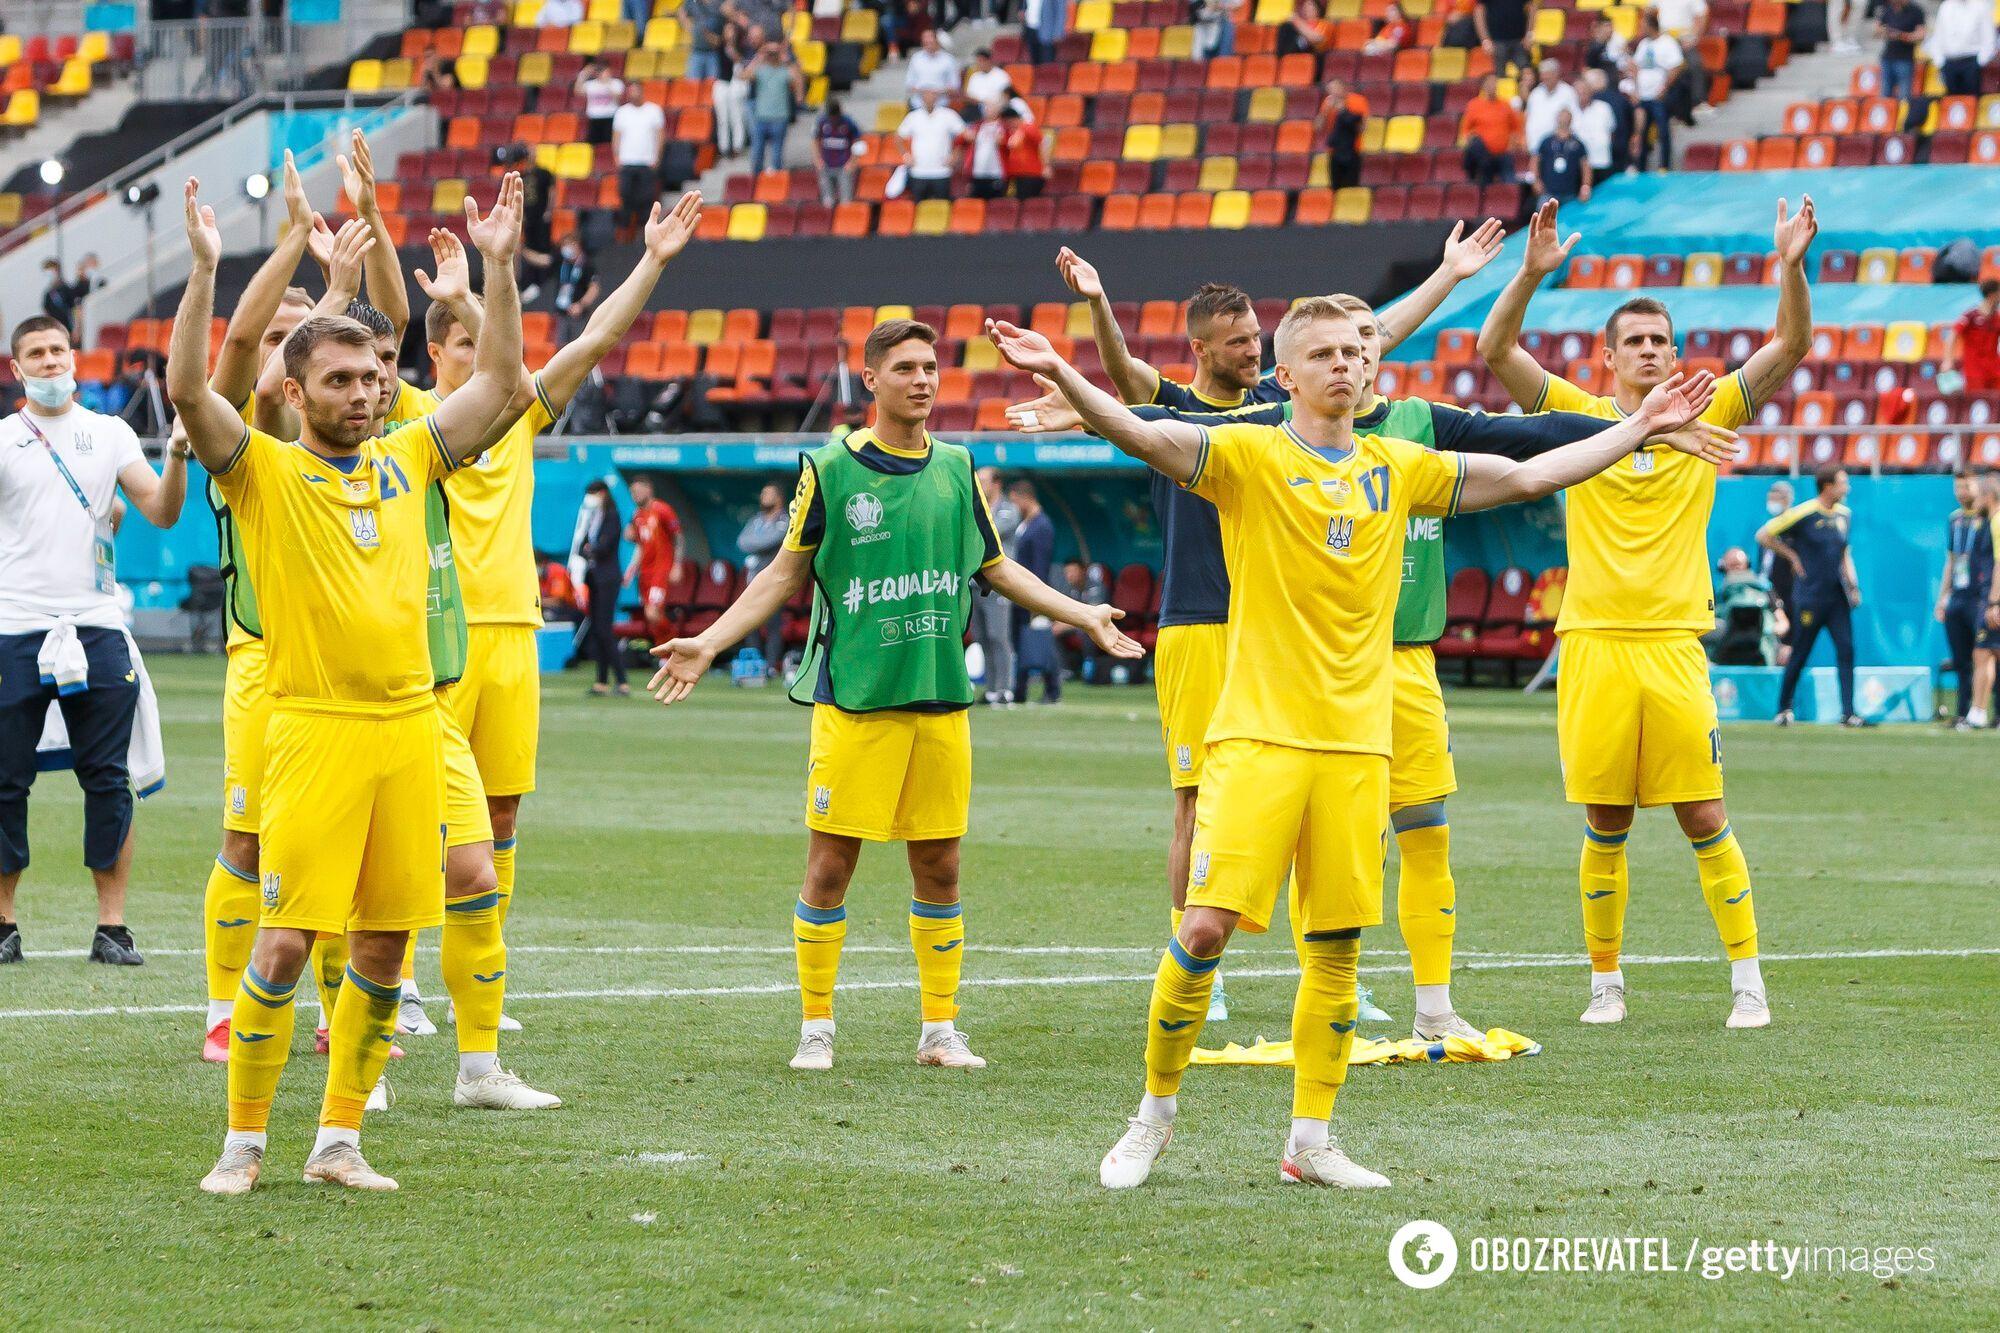 Футболисты сборной Украины благодарят болельщиков после матча с Северной Македонией